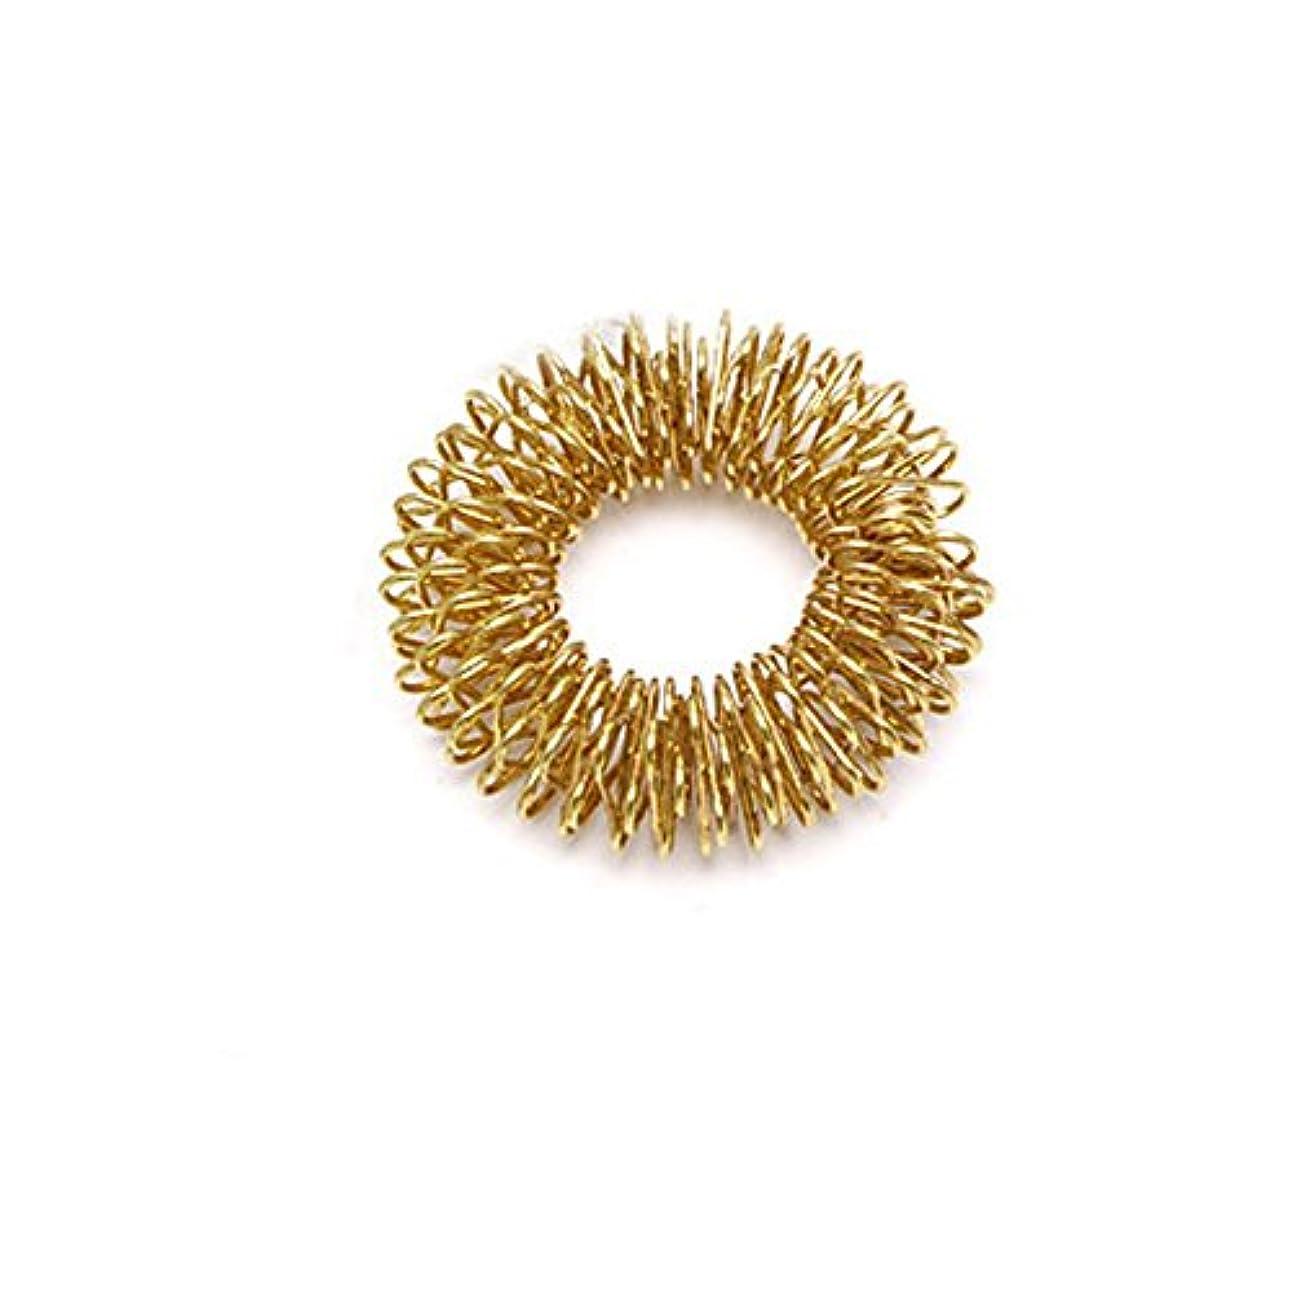 シャンプーミッショングラマーManyao ボディフィンガーマッサージリング鍼灸リングヘルスケアゴールド/シルバーメッキクール (ゴールド)